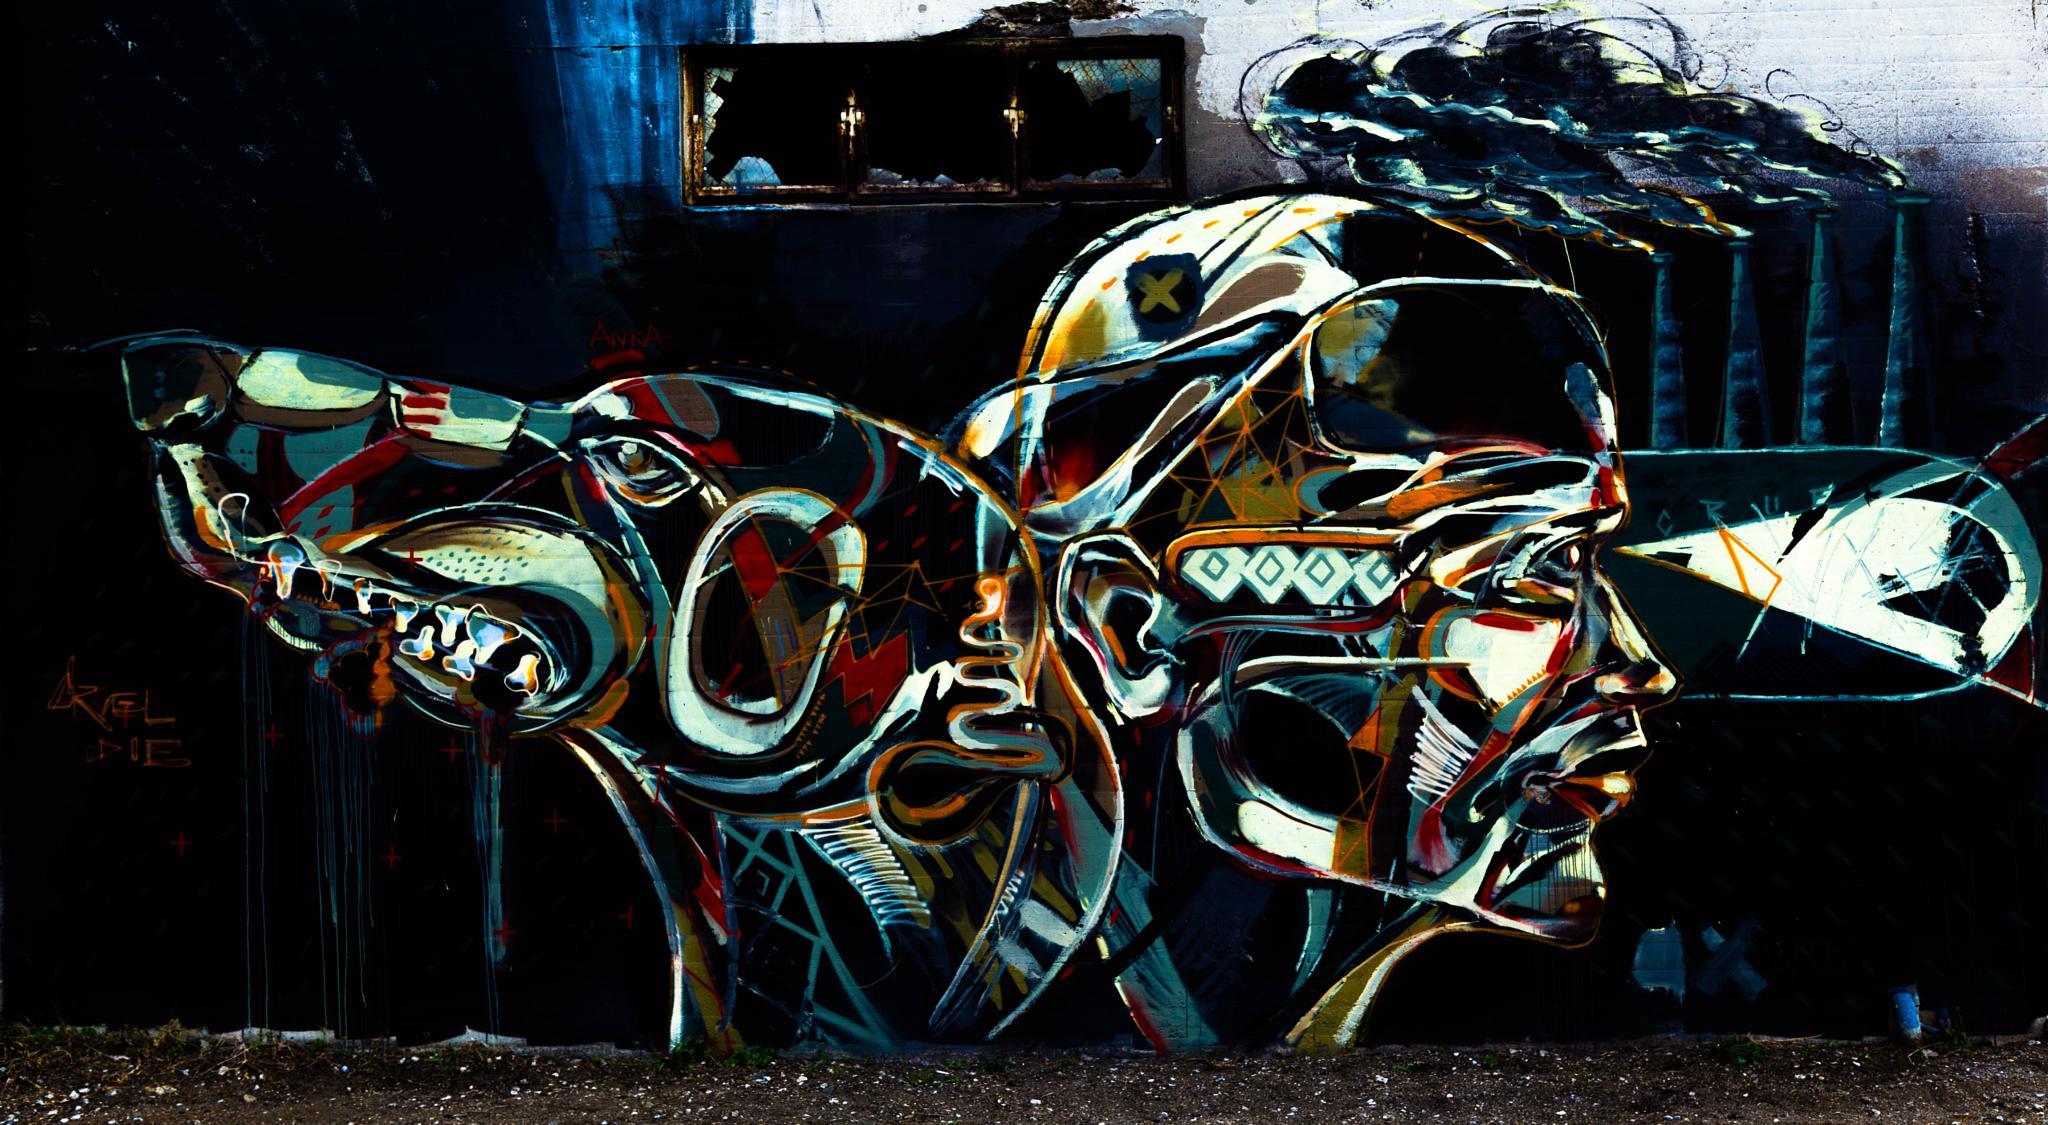 Untitled by greg.flynn.3990